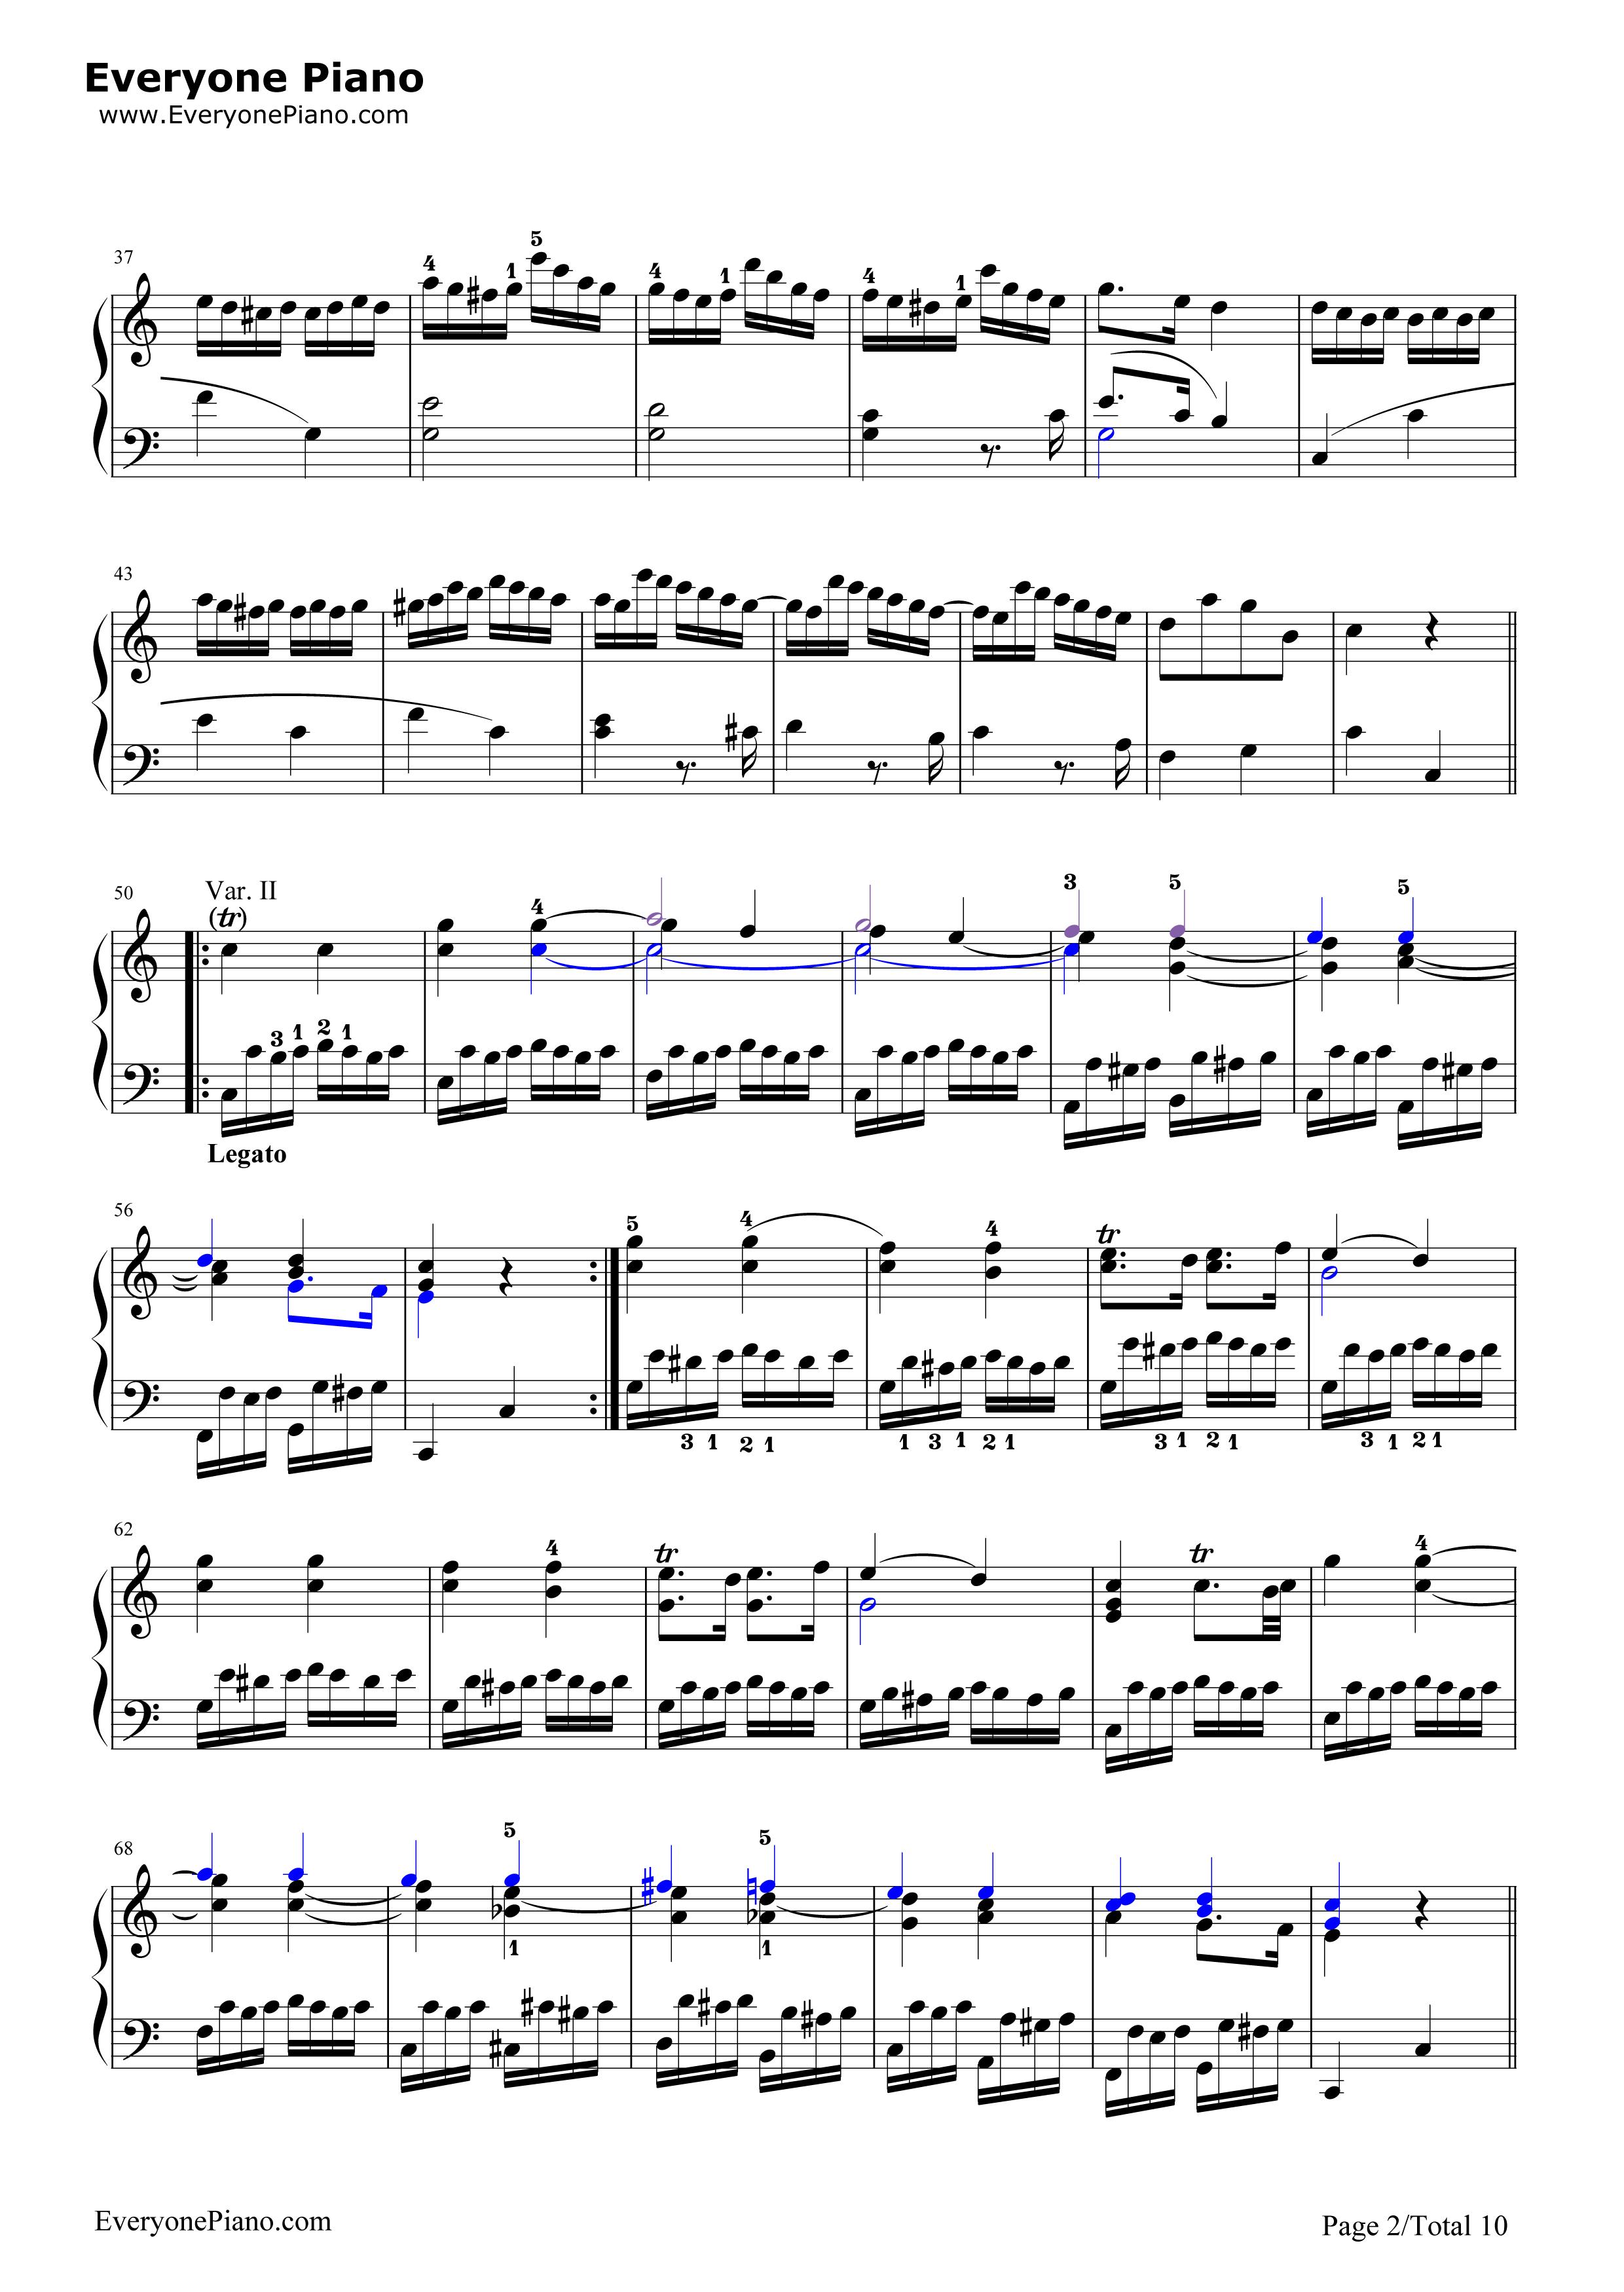 きらきら 星 変奏 曲 楽譜